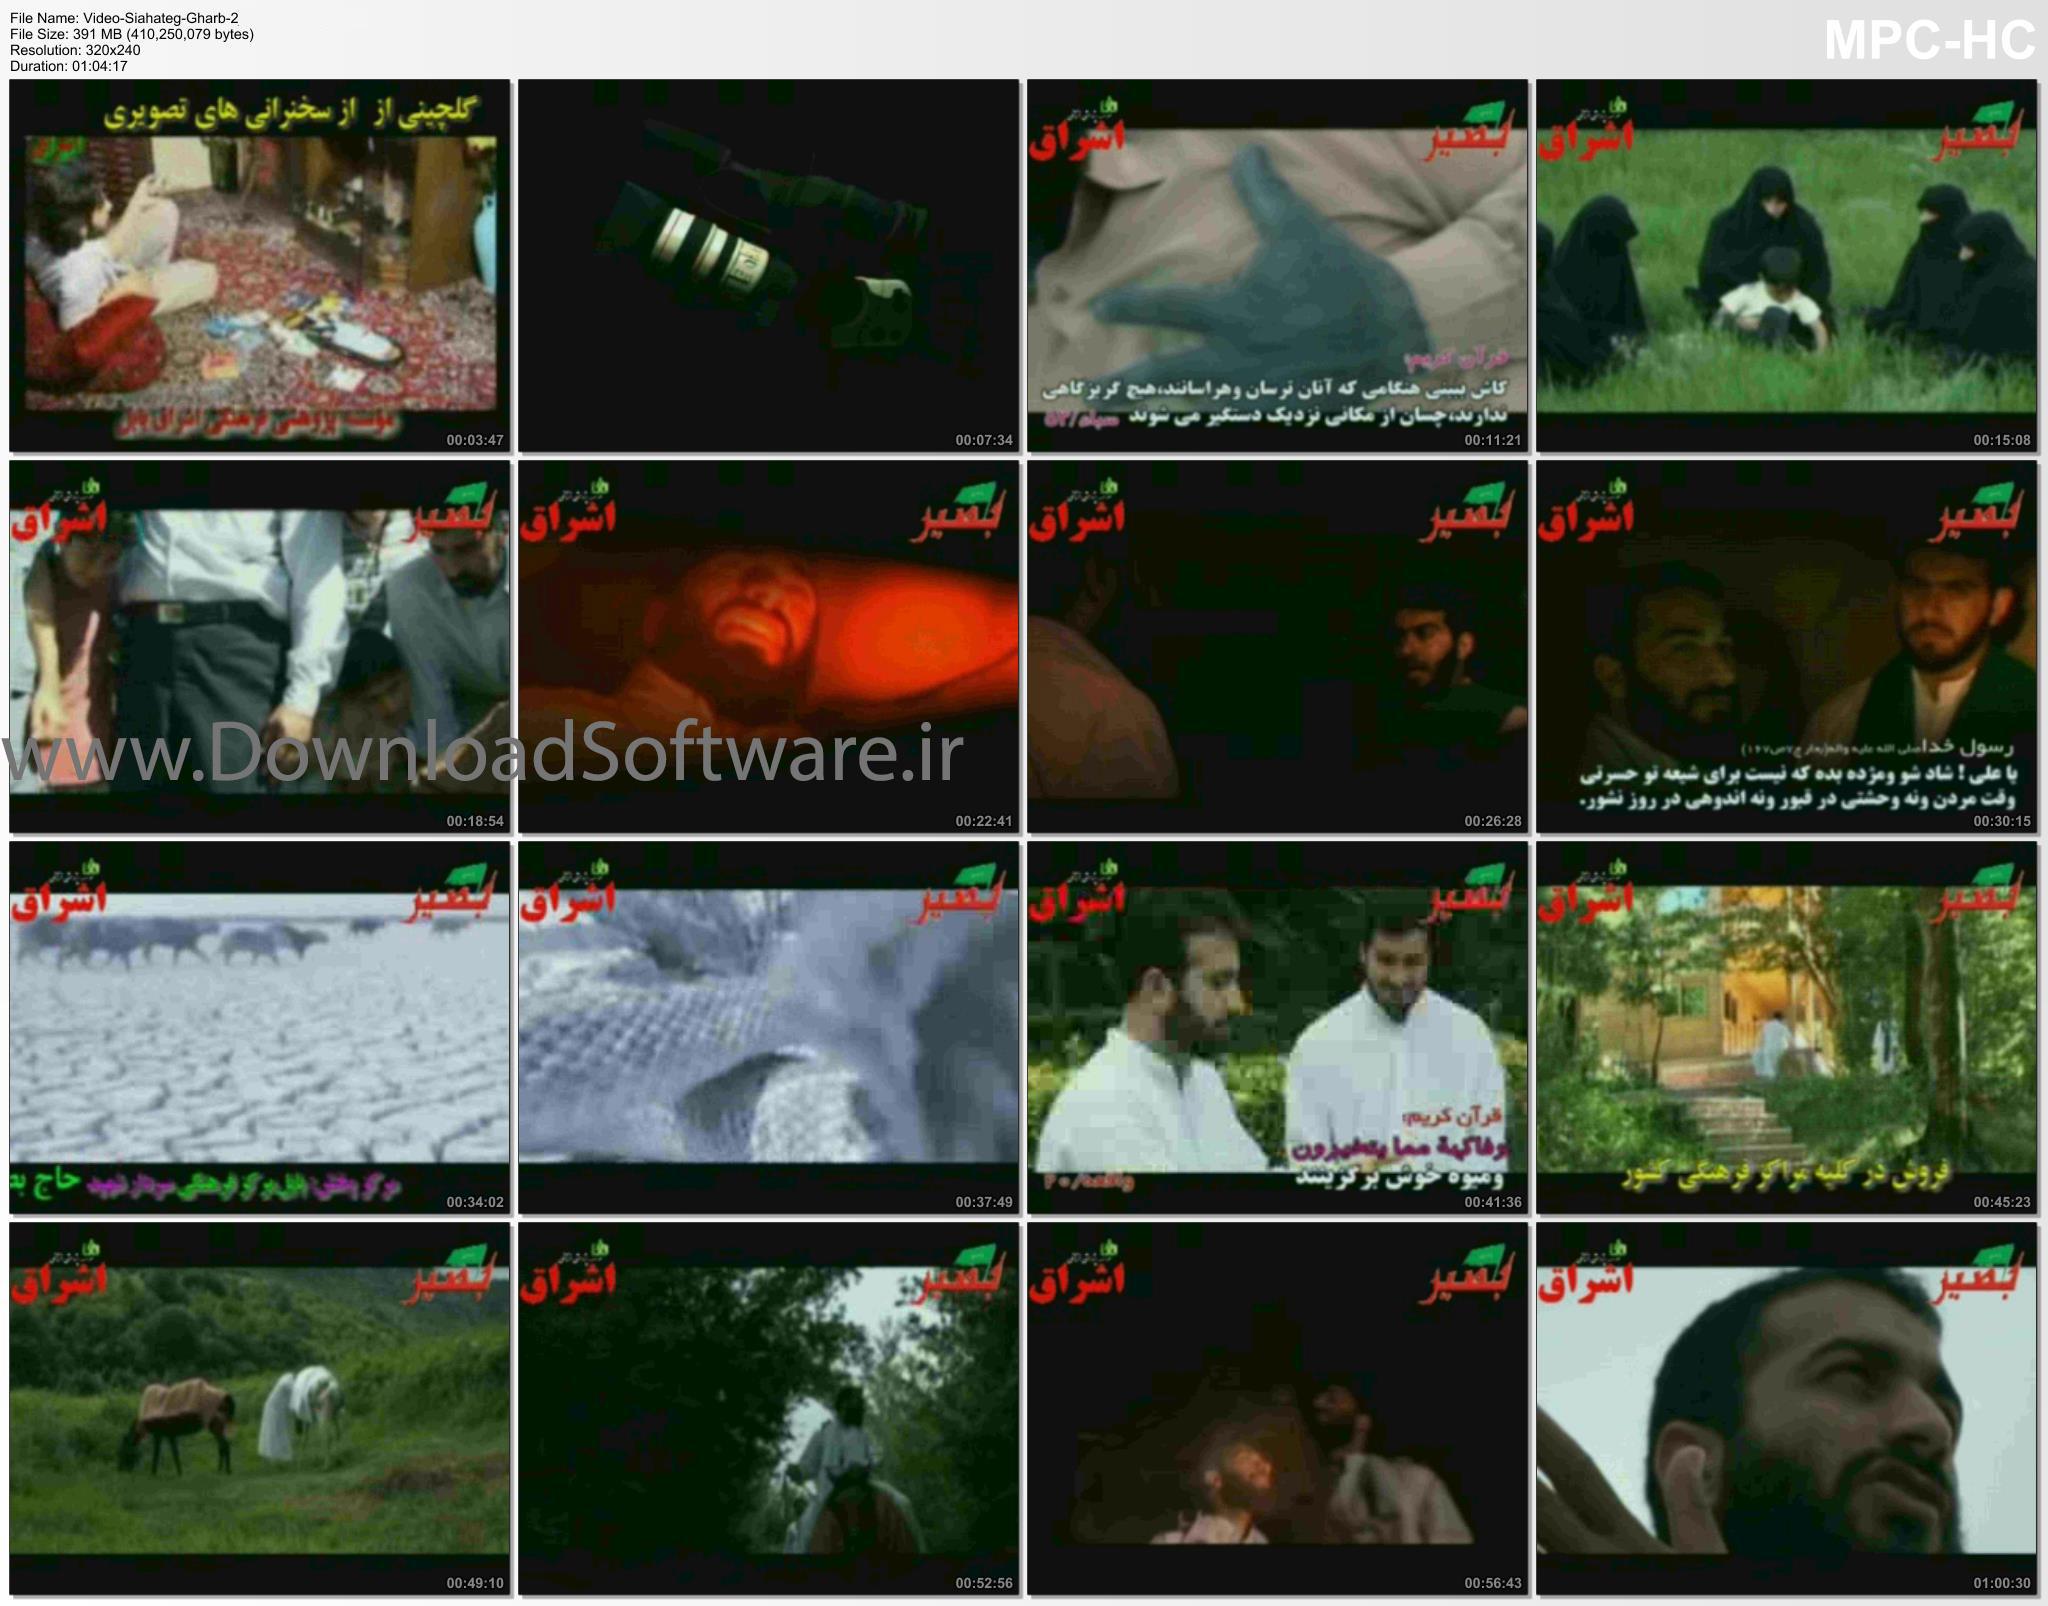 Video-Siahateg-Gharb-2